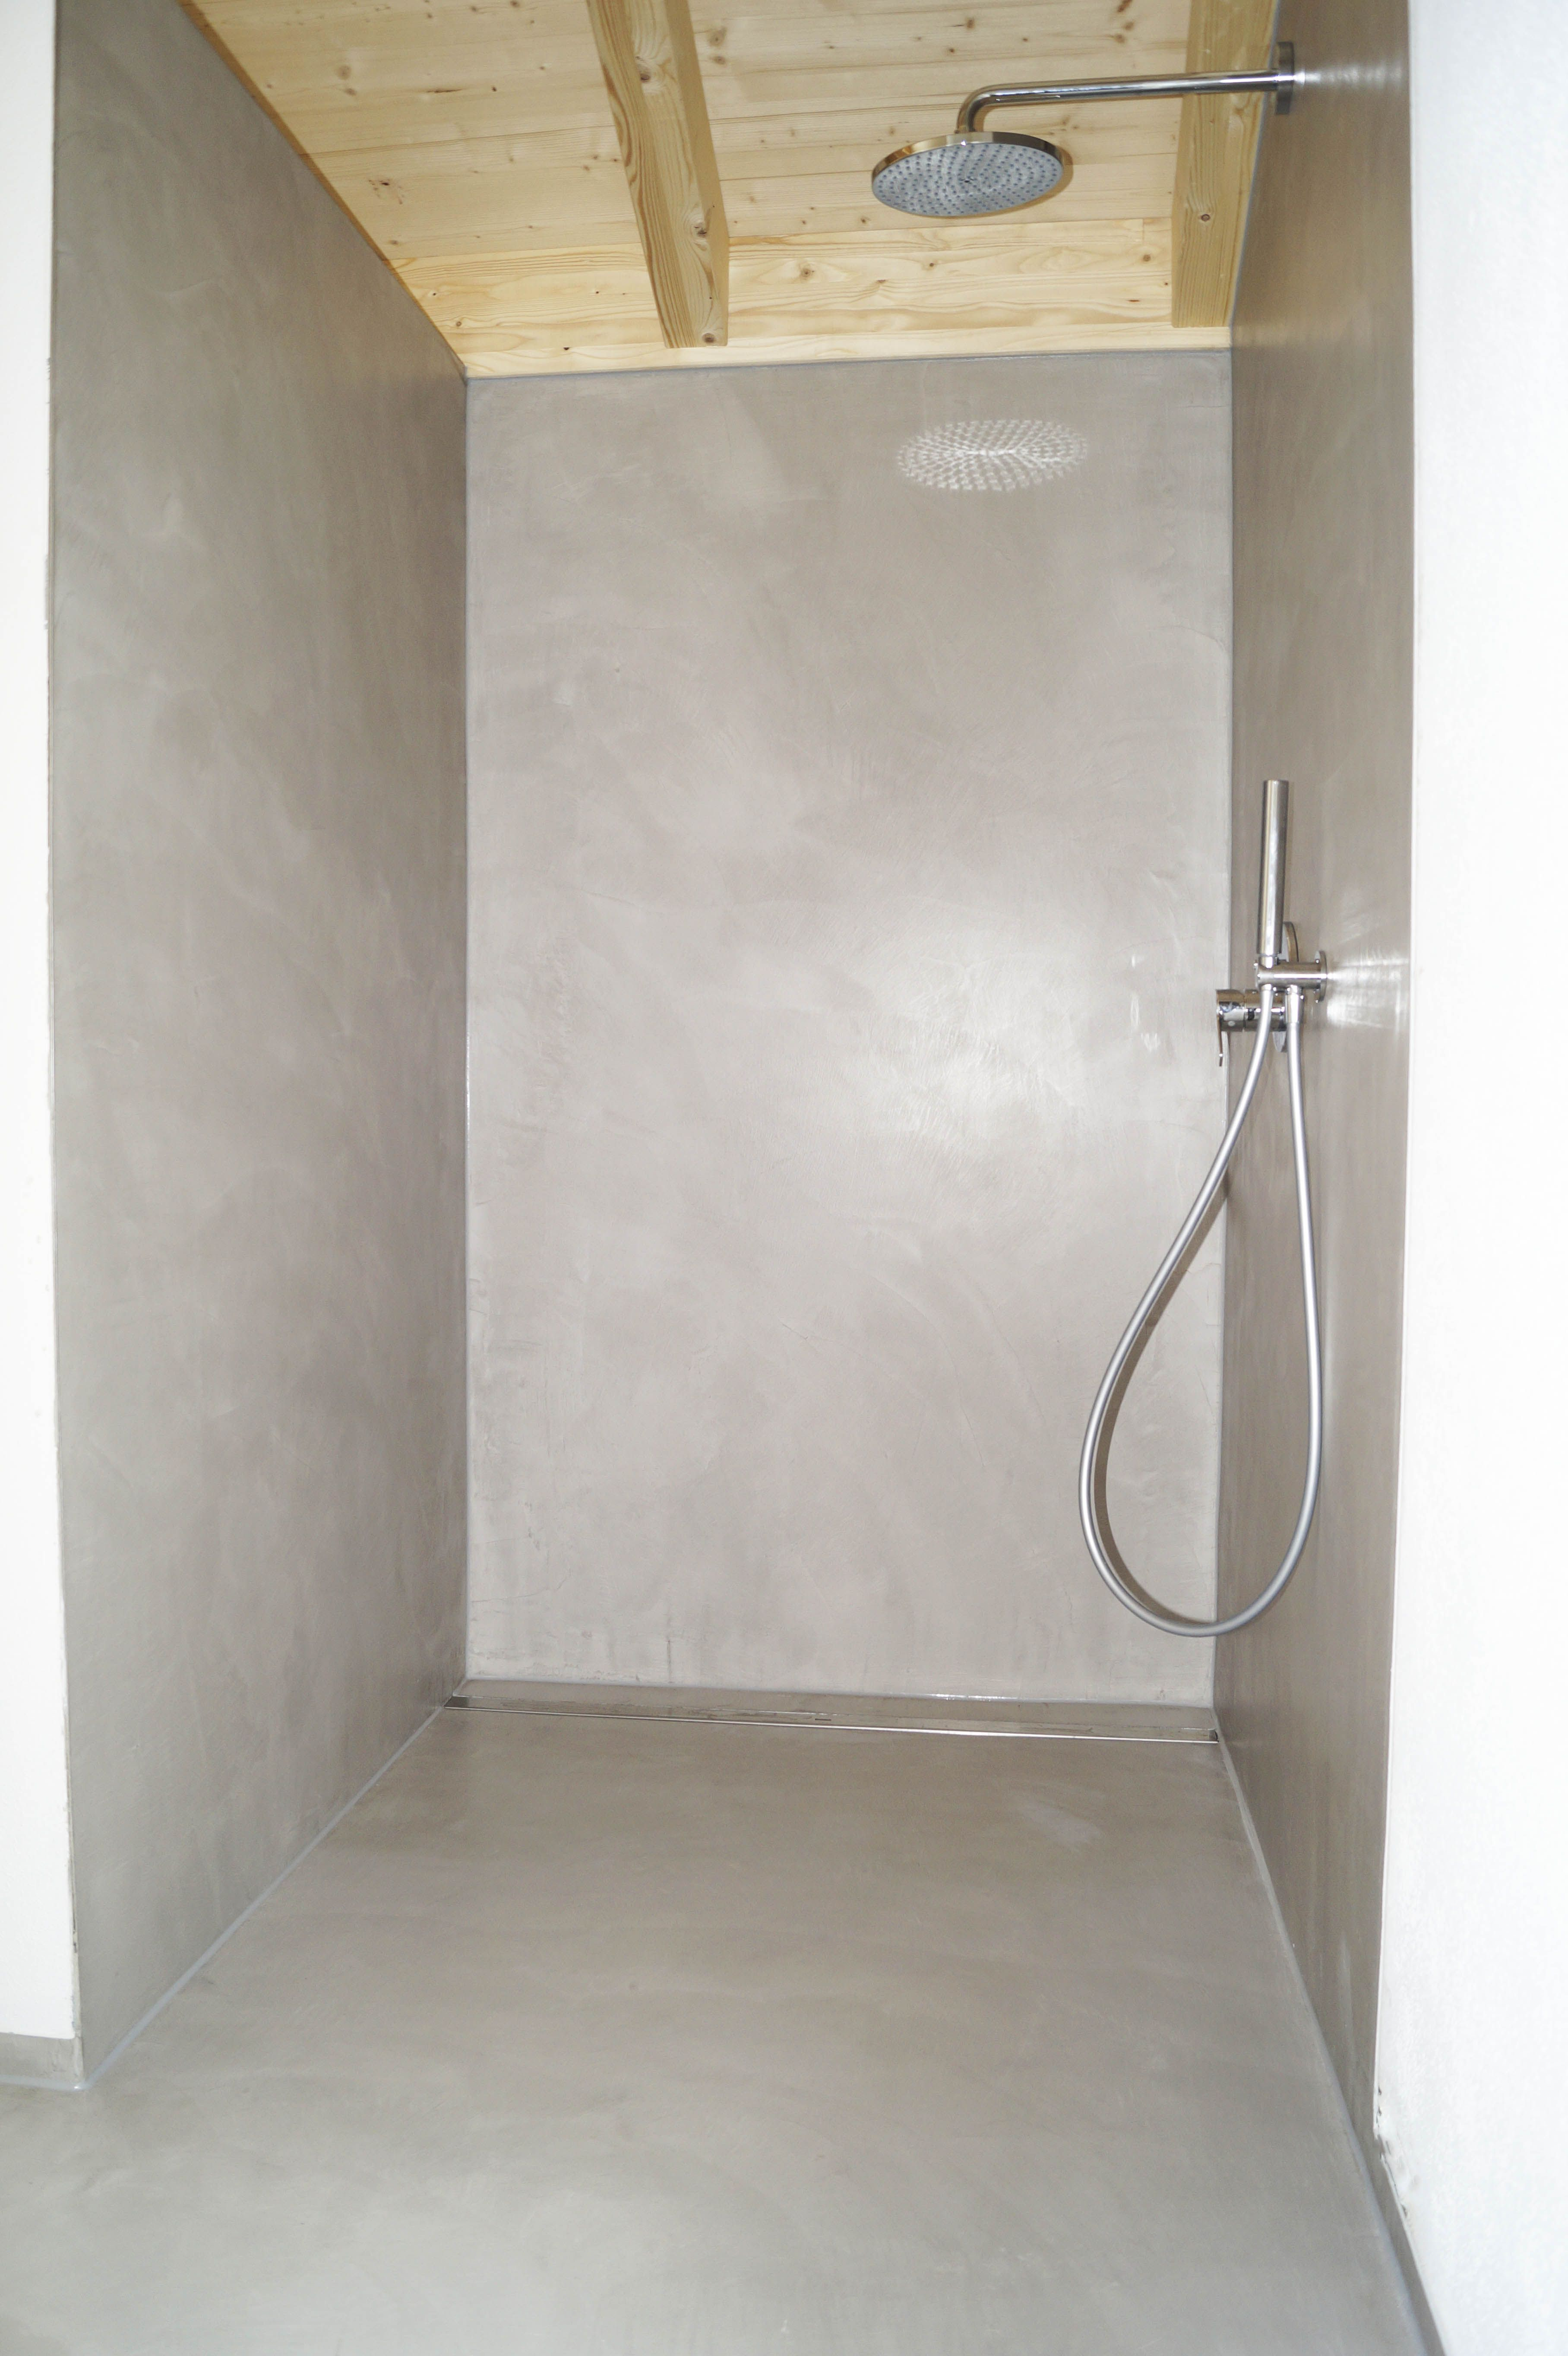 Dusche Gespachtelt Mit Material Basebeton By Fugenlos Modern De In 2020 Badezimmer Bad Renovieren Dusche